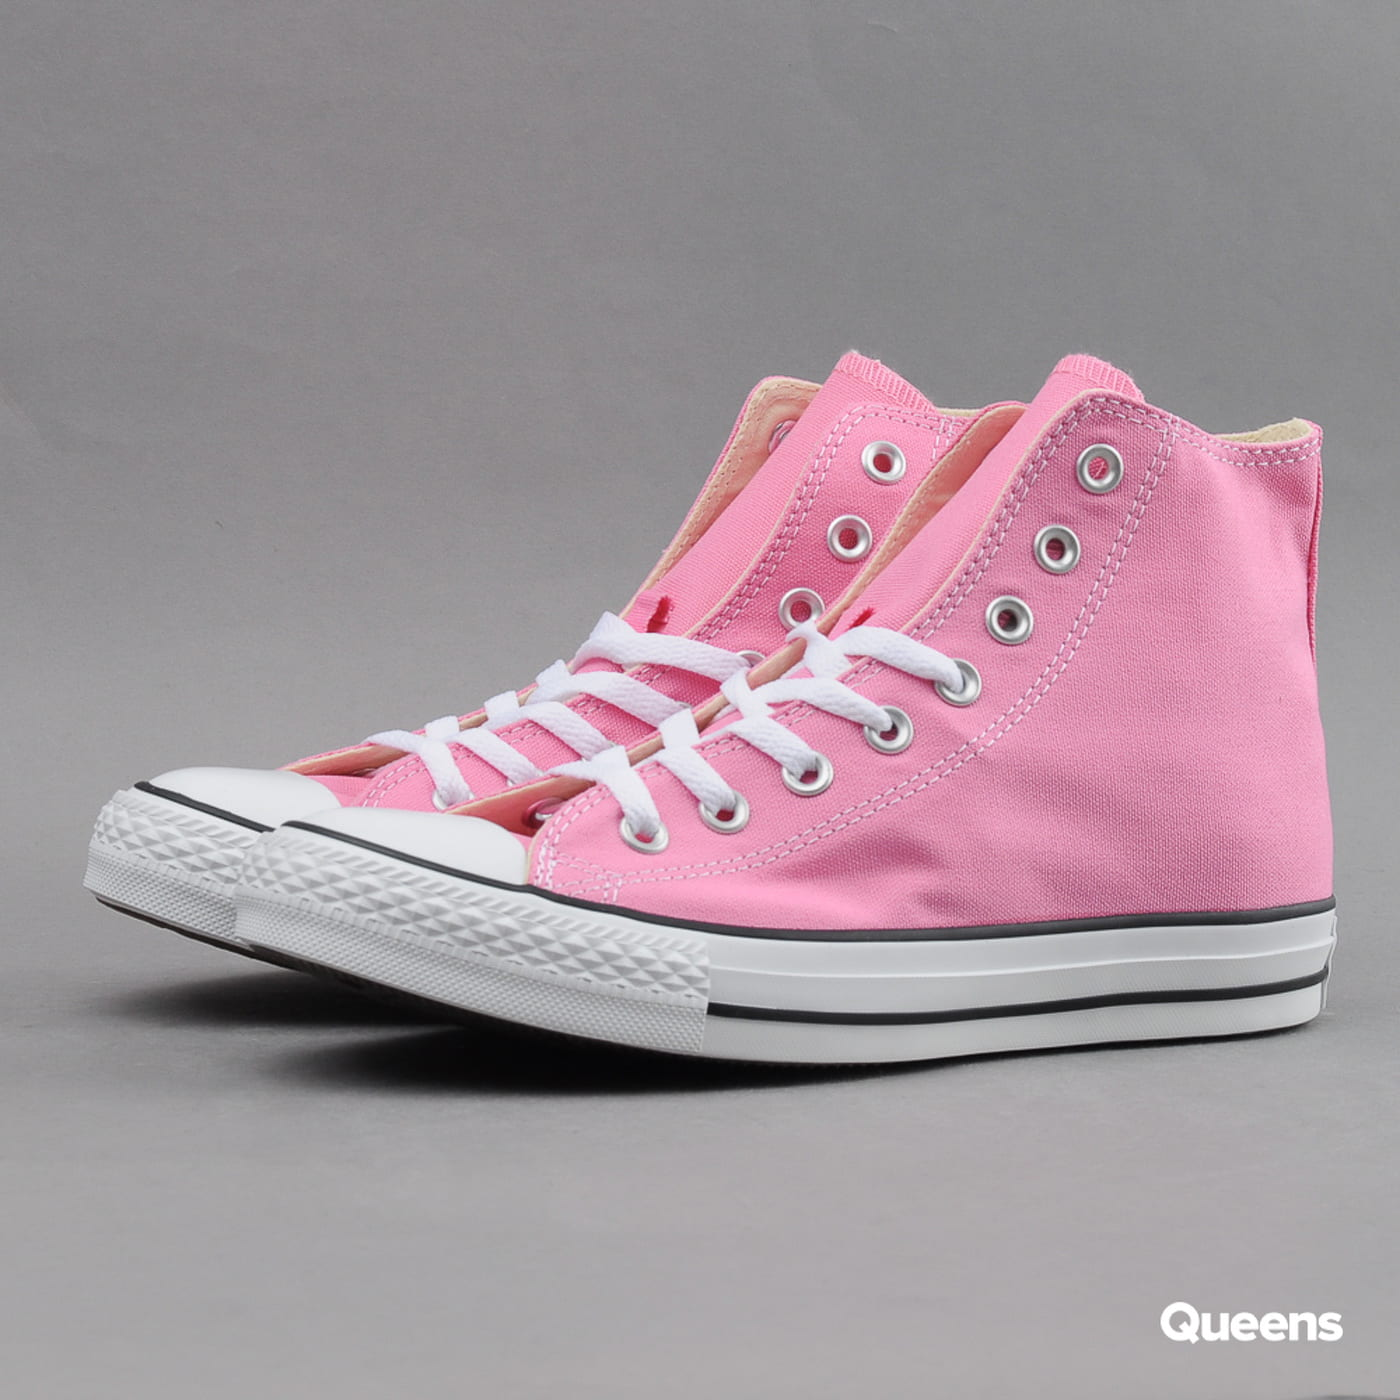 Converse Chuck Taylor All Star Hi pink hi